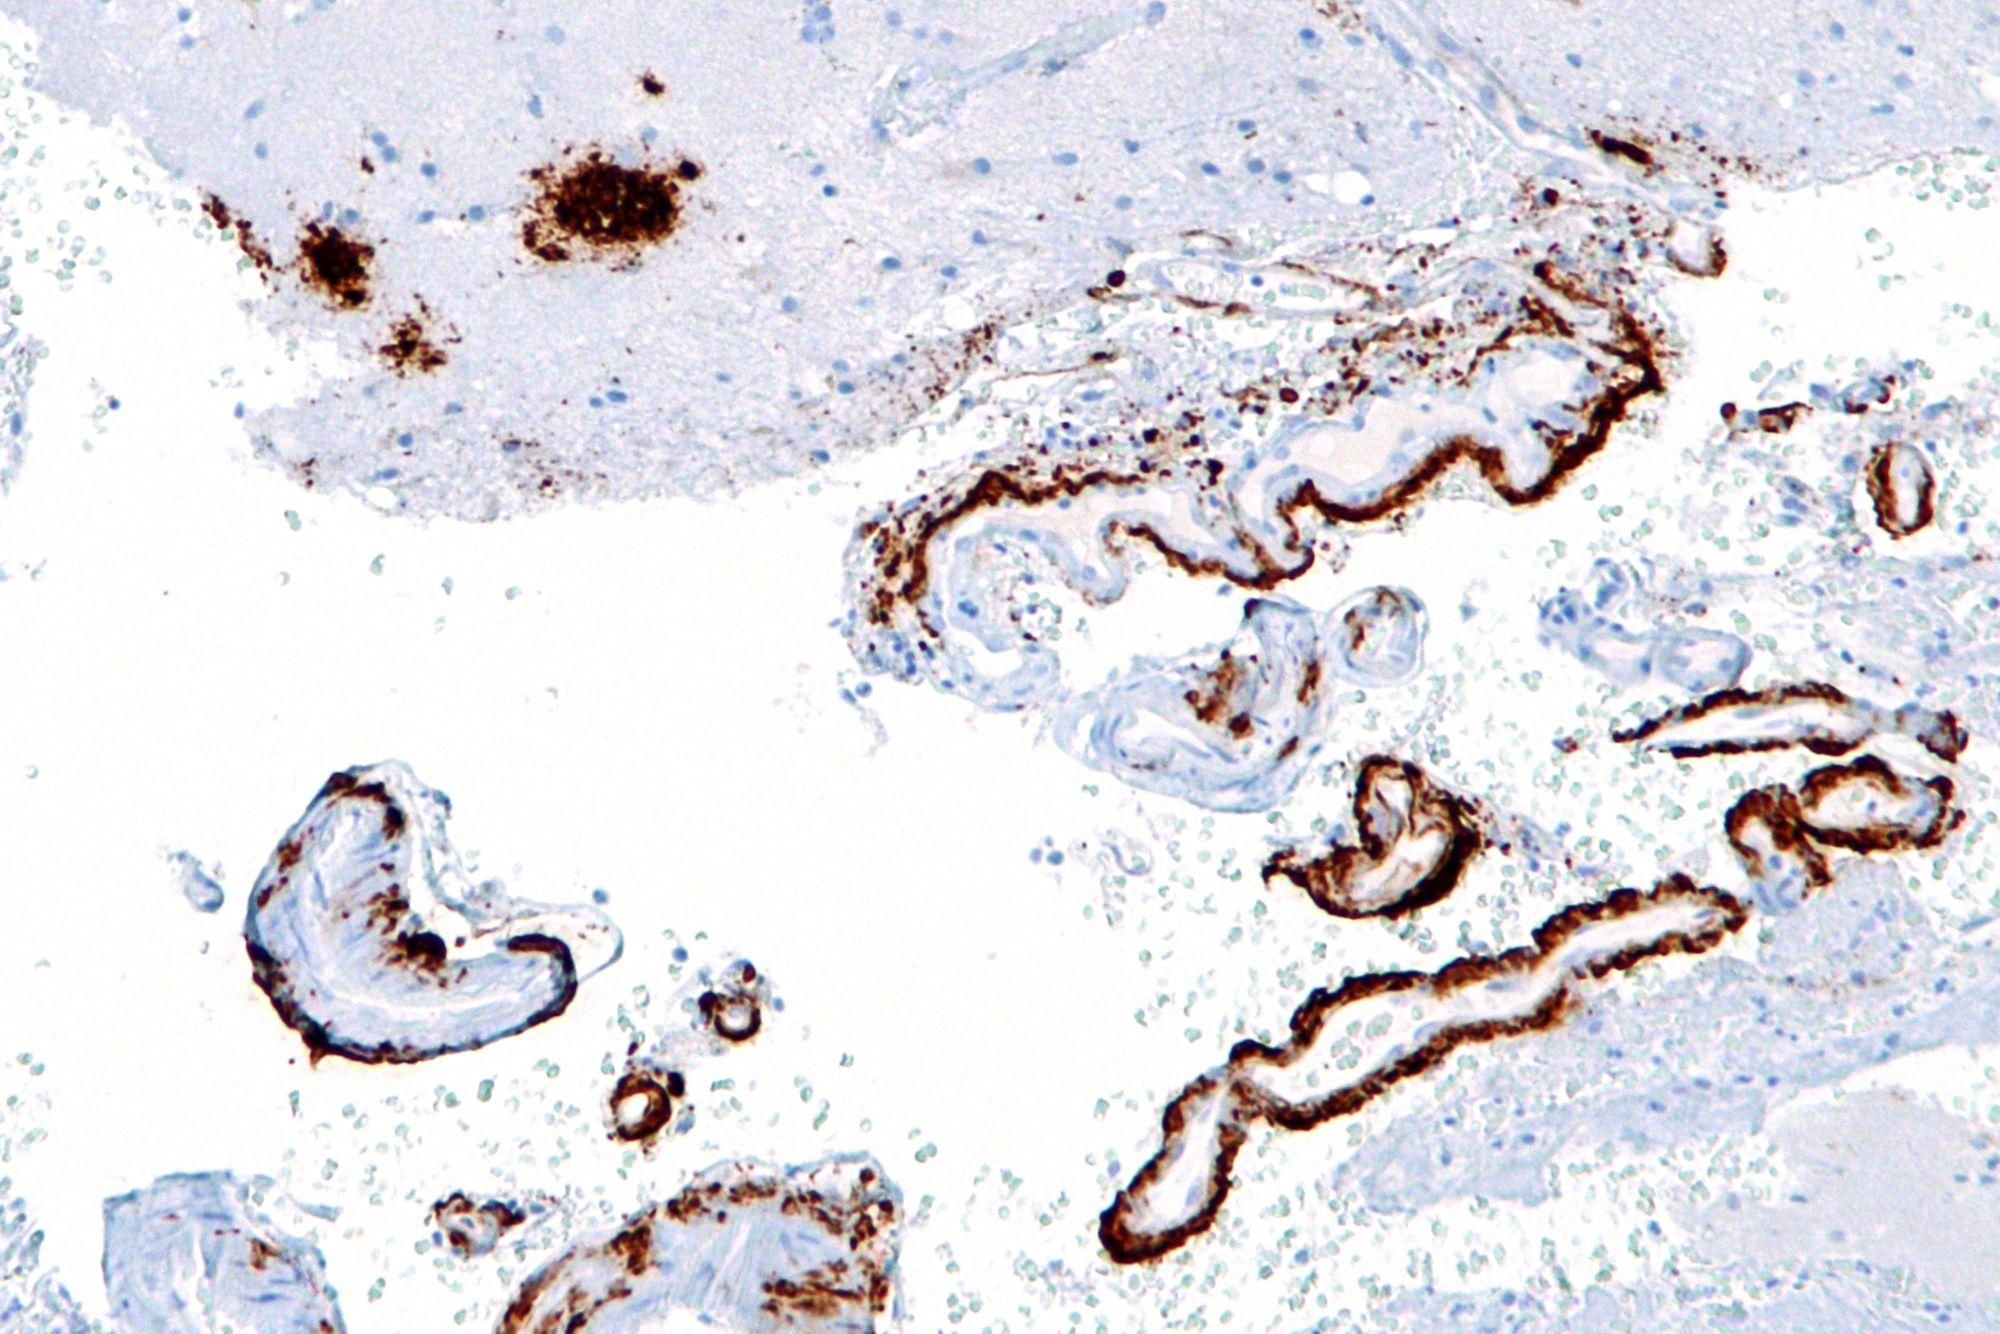 Болезнь Альцгемера возникает из-за амилоидных бляшек: это скопления белка, которые нарушают нормальную работу мозга